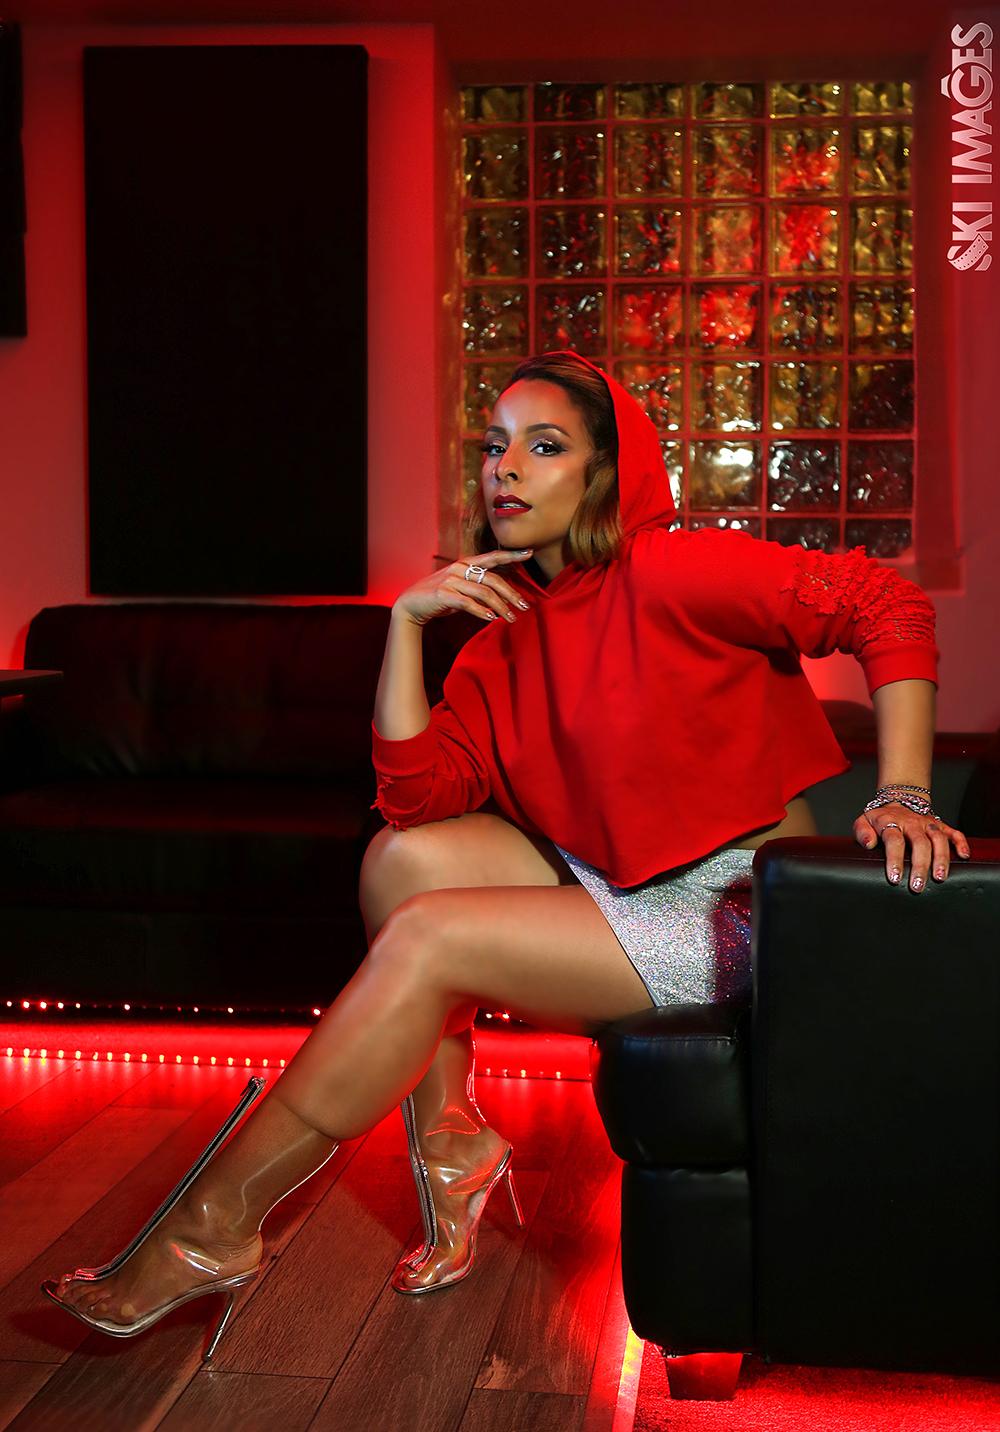 Miss YaYa es ardiente y pone a bailar salsa al espectador.Foto cortesía Valens Agency